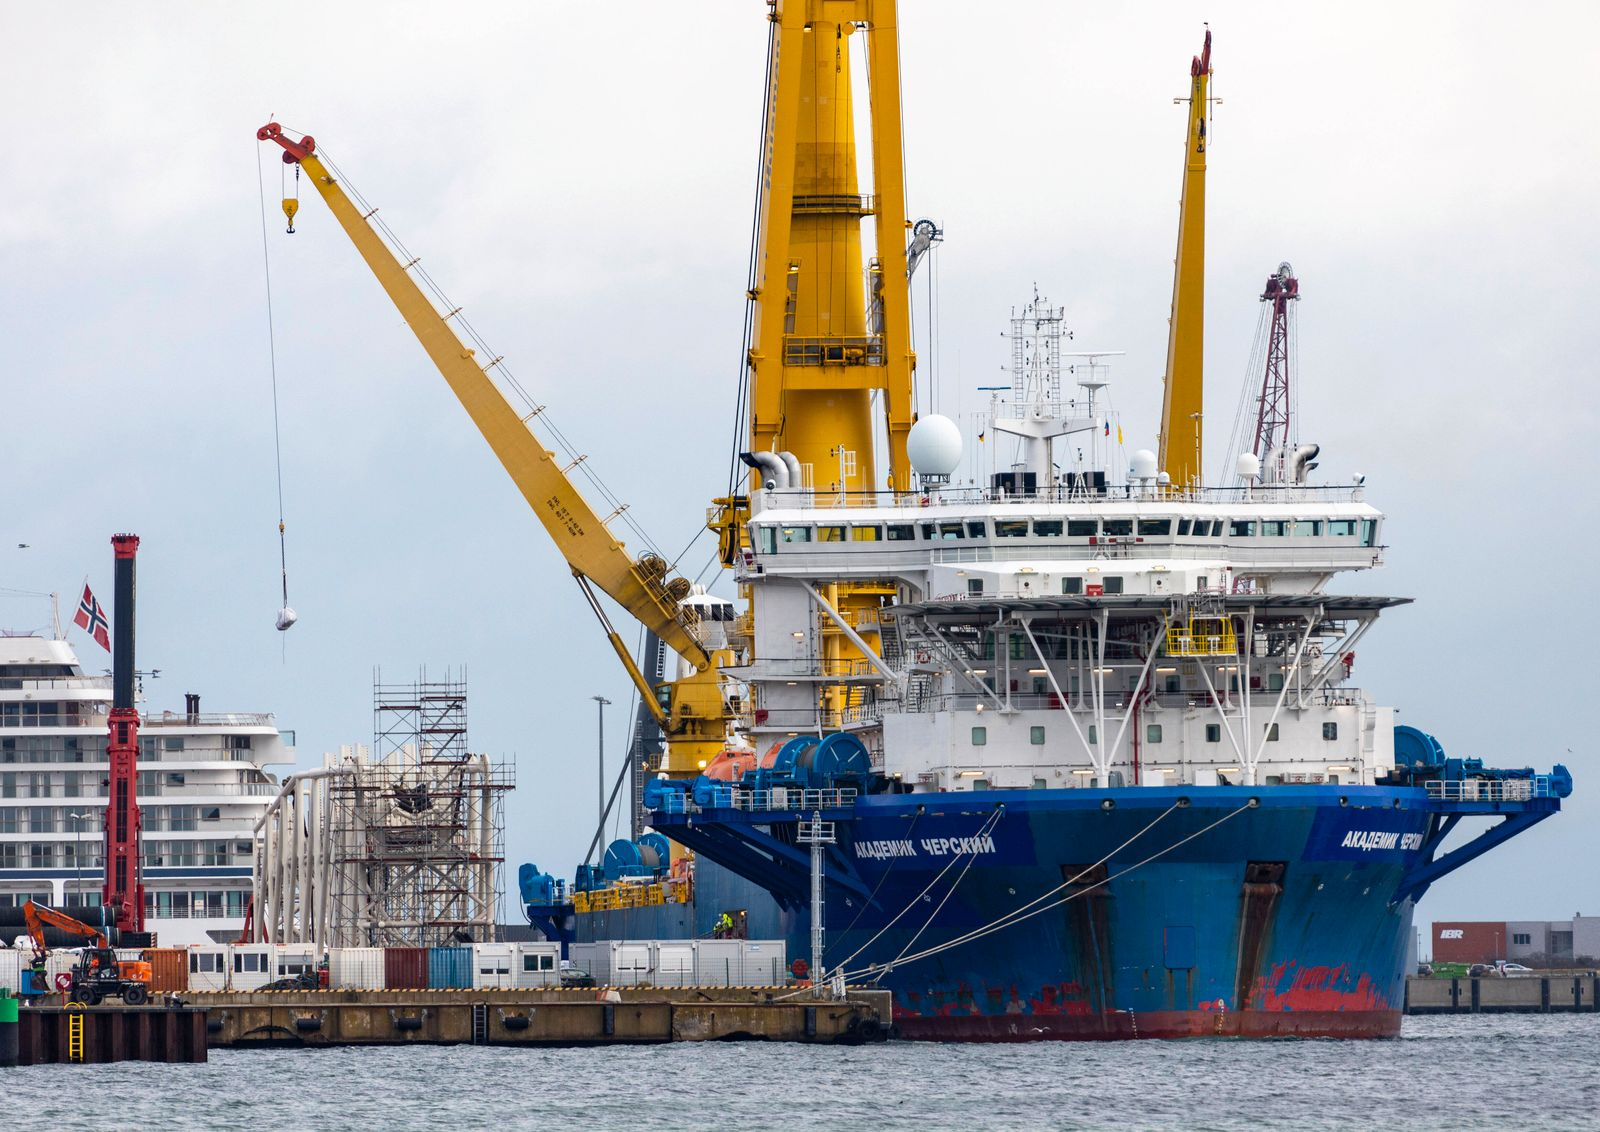 Verlegeschiff fuer Nord Stream 2 nach Test zurueckgekehrt Das russische Pipeline-Verlegeschiff Akademik Cherskiy wird n